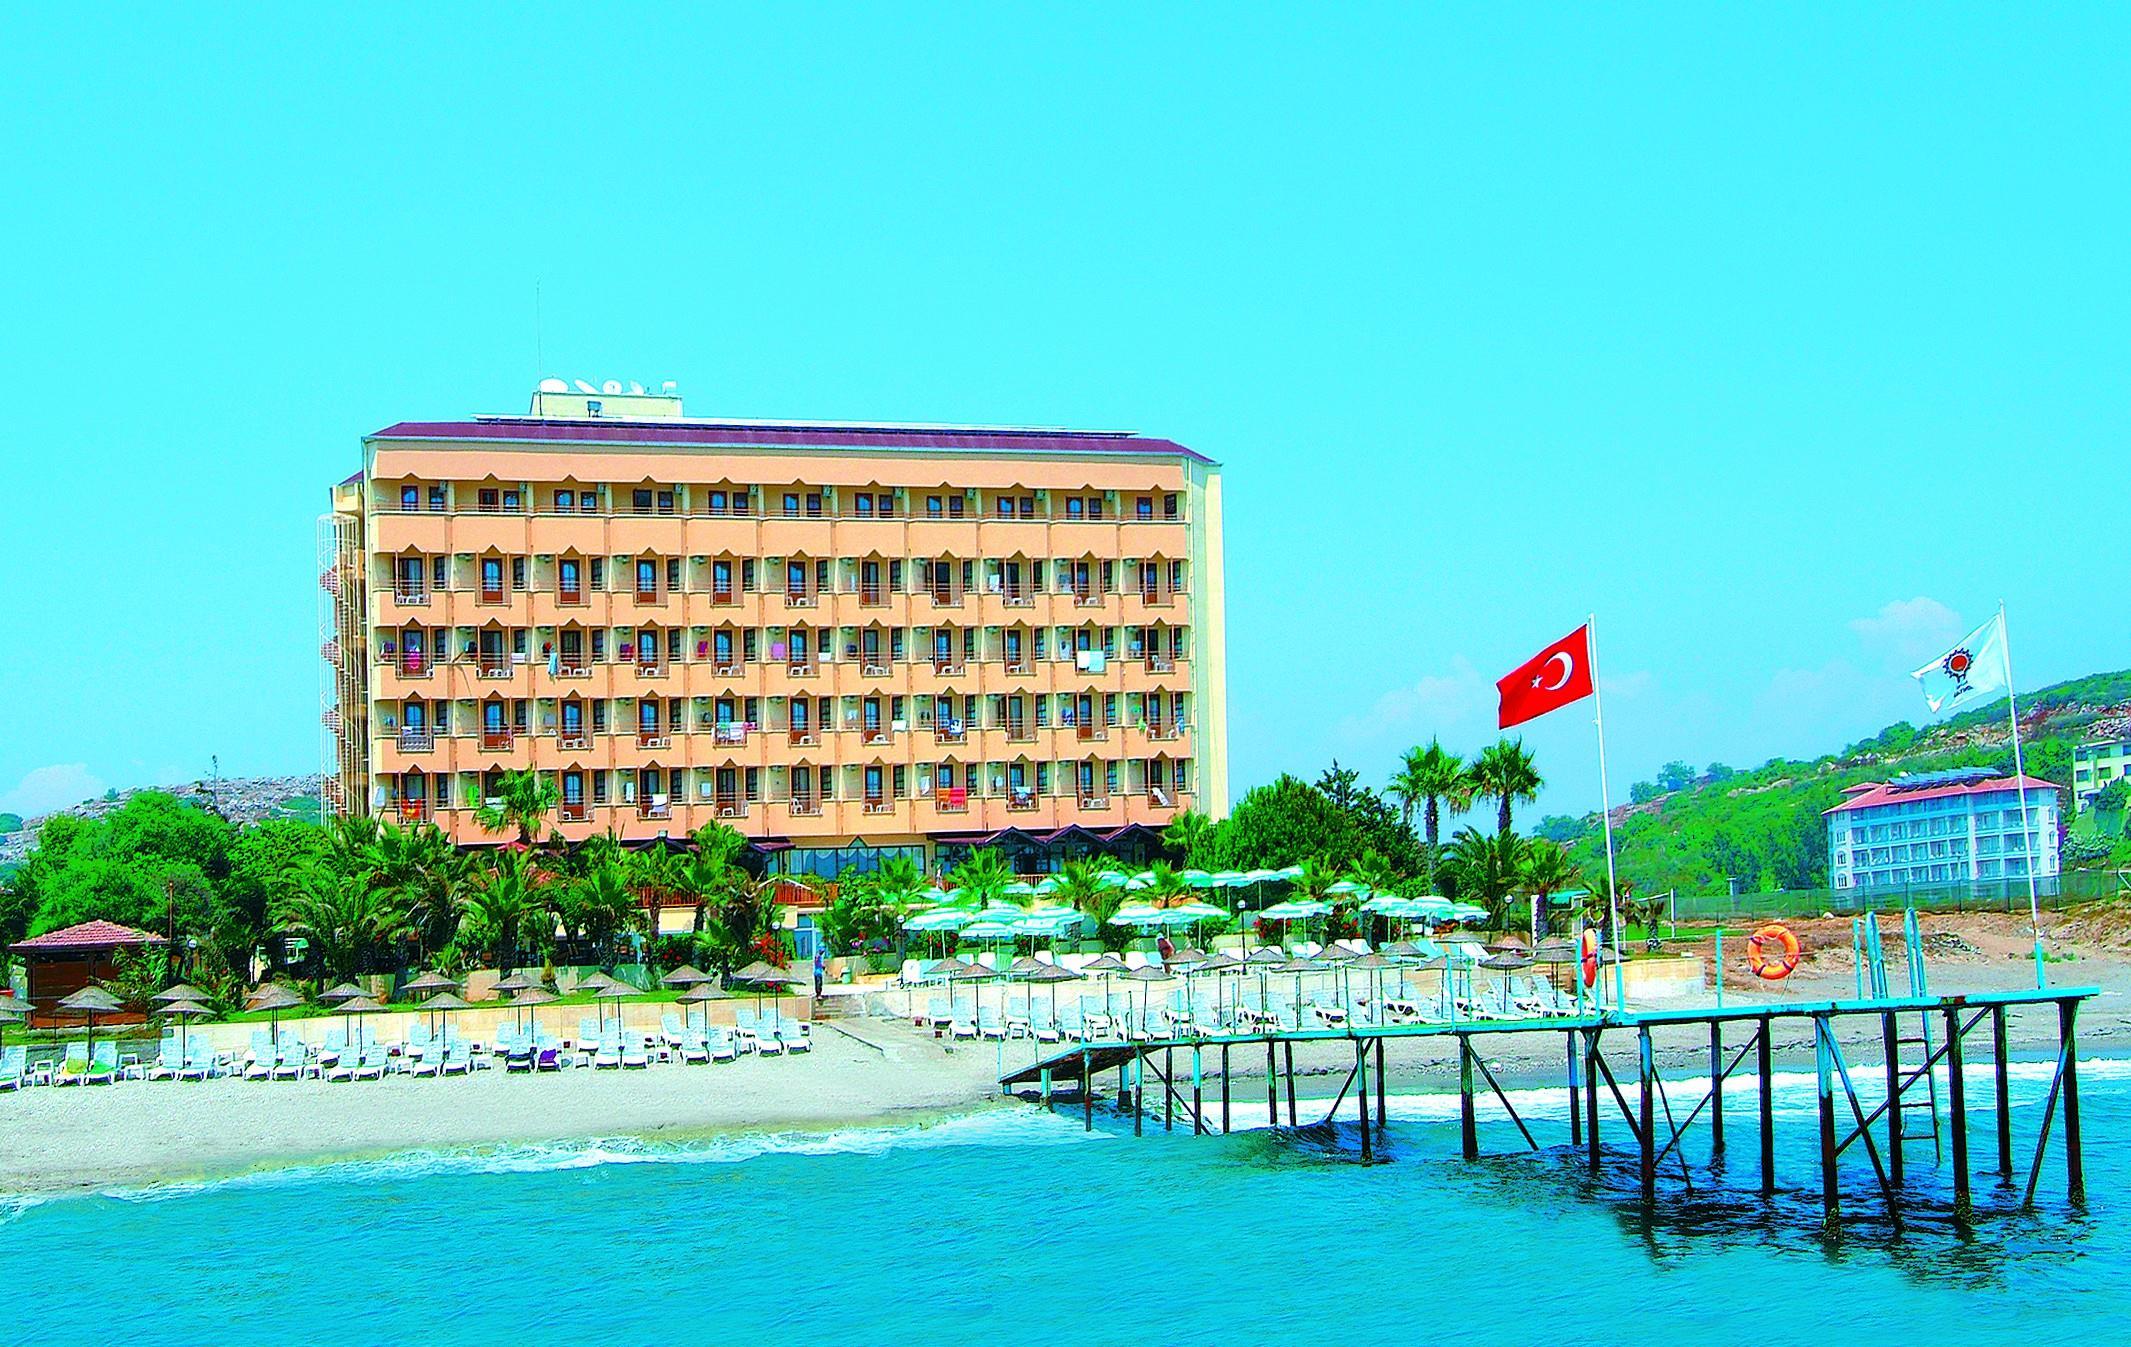 anitas-hotel-002